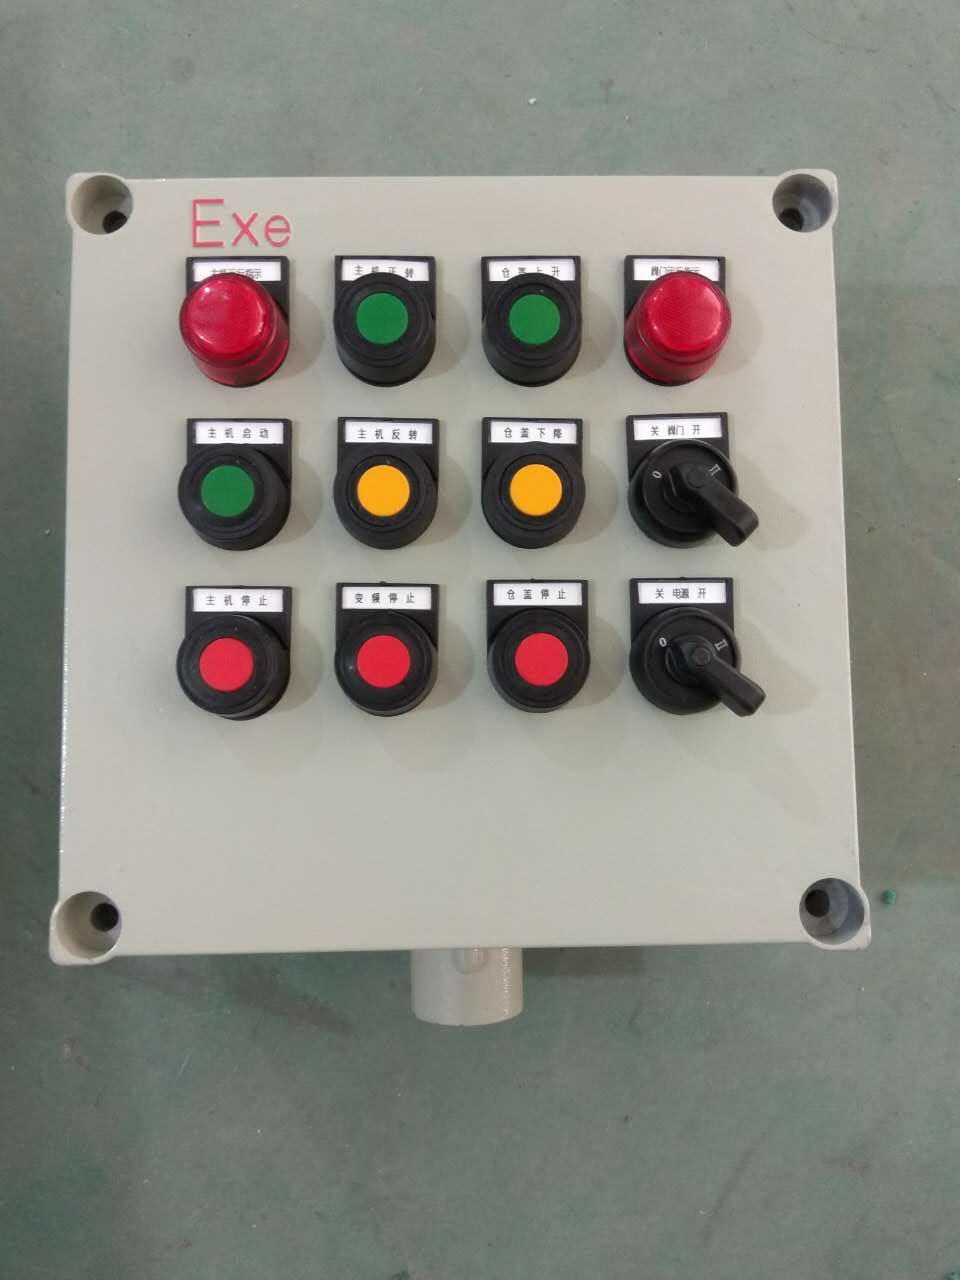 装有电流表,信号灯的控制器还可对电机运行或电路情况进行监测和显示.